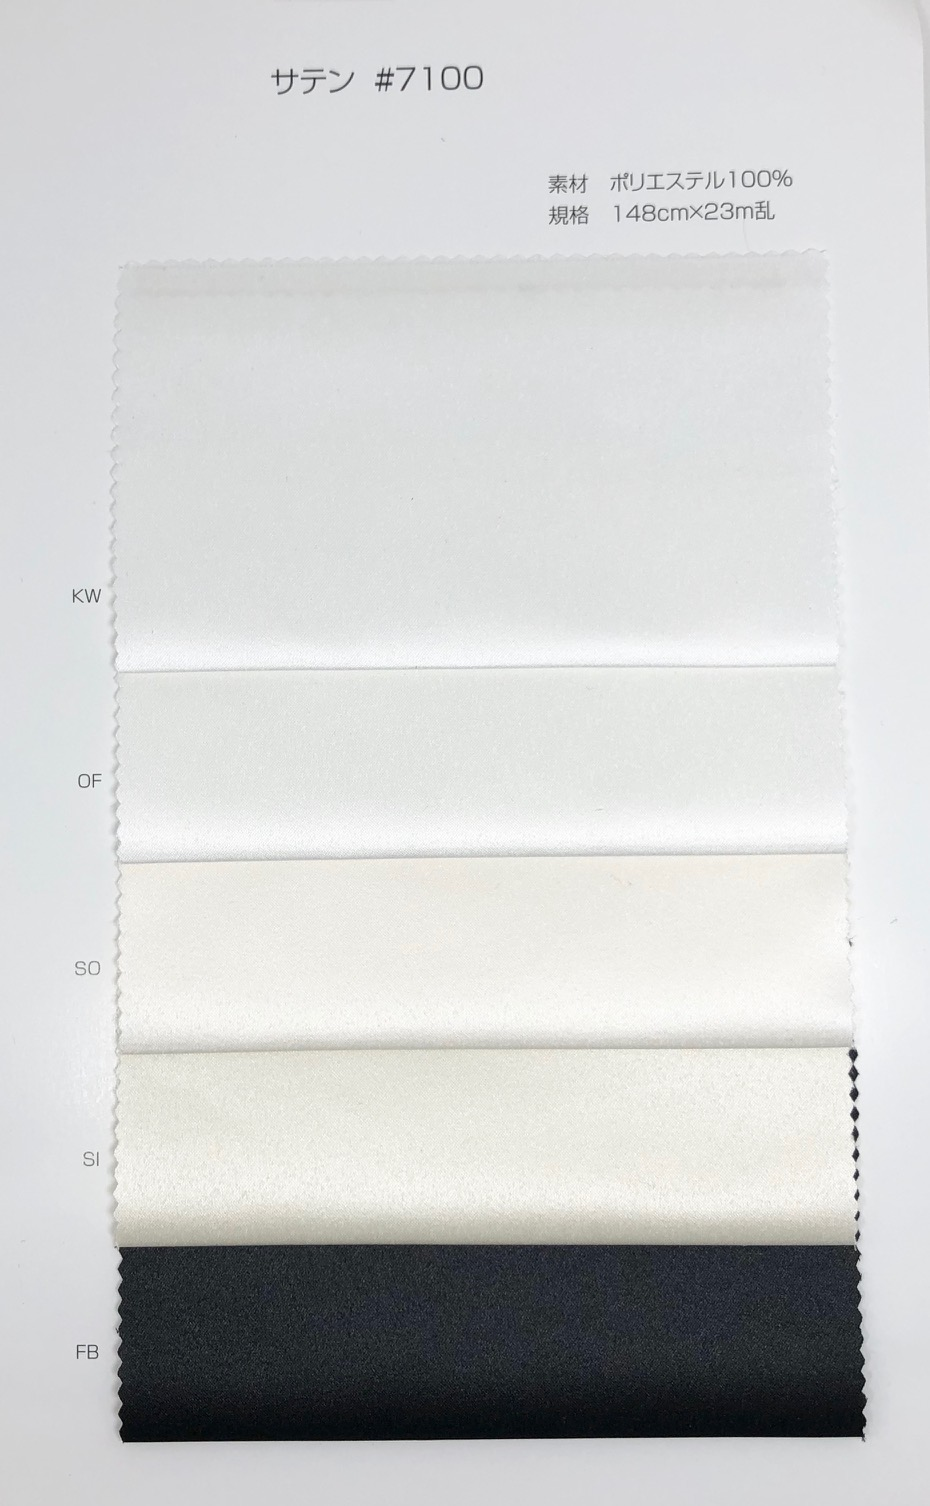 7100 ベーシックサテン(普通地)[生地] サンコロナ小田/オークラ商事 - ApparelX アパレル資材卸通販